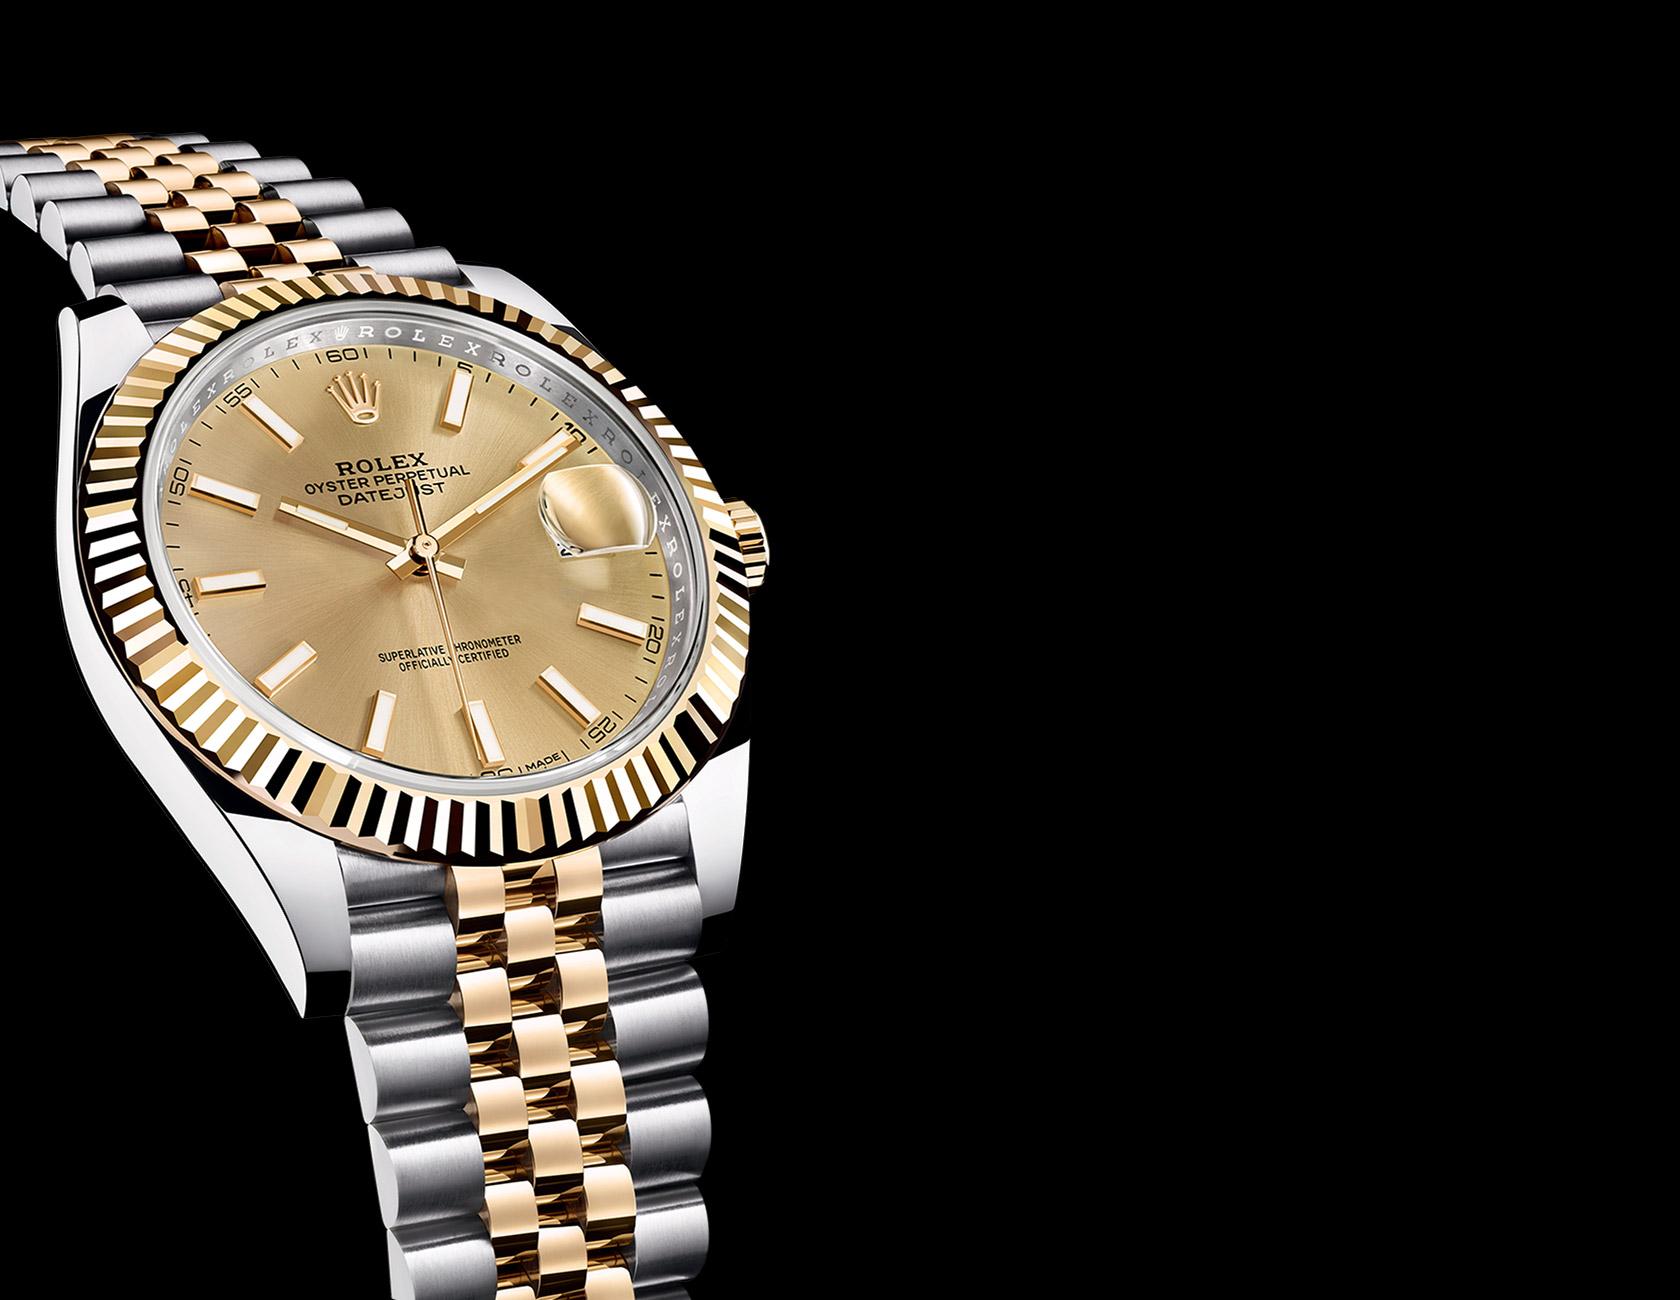 d1acec1381d Réplica relógio Rolex automático Datejust em detalhes